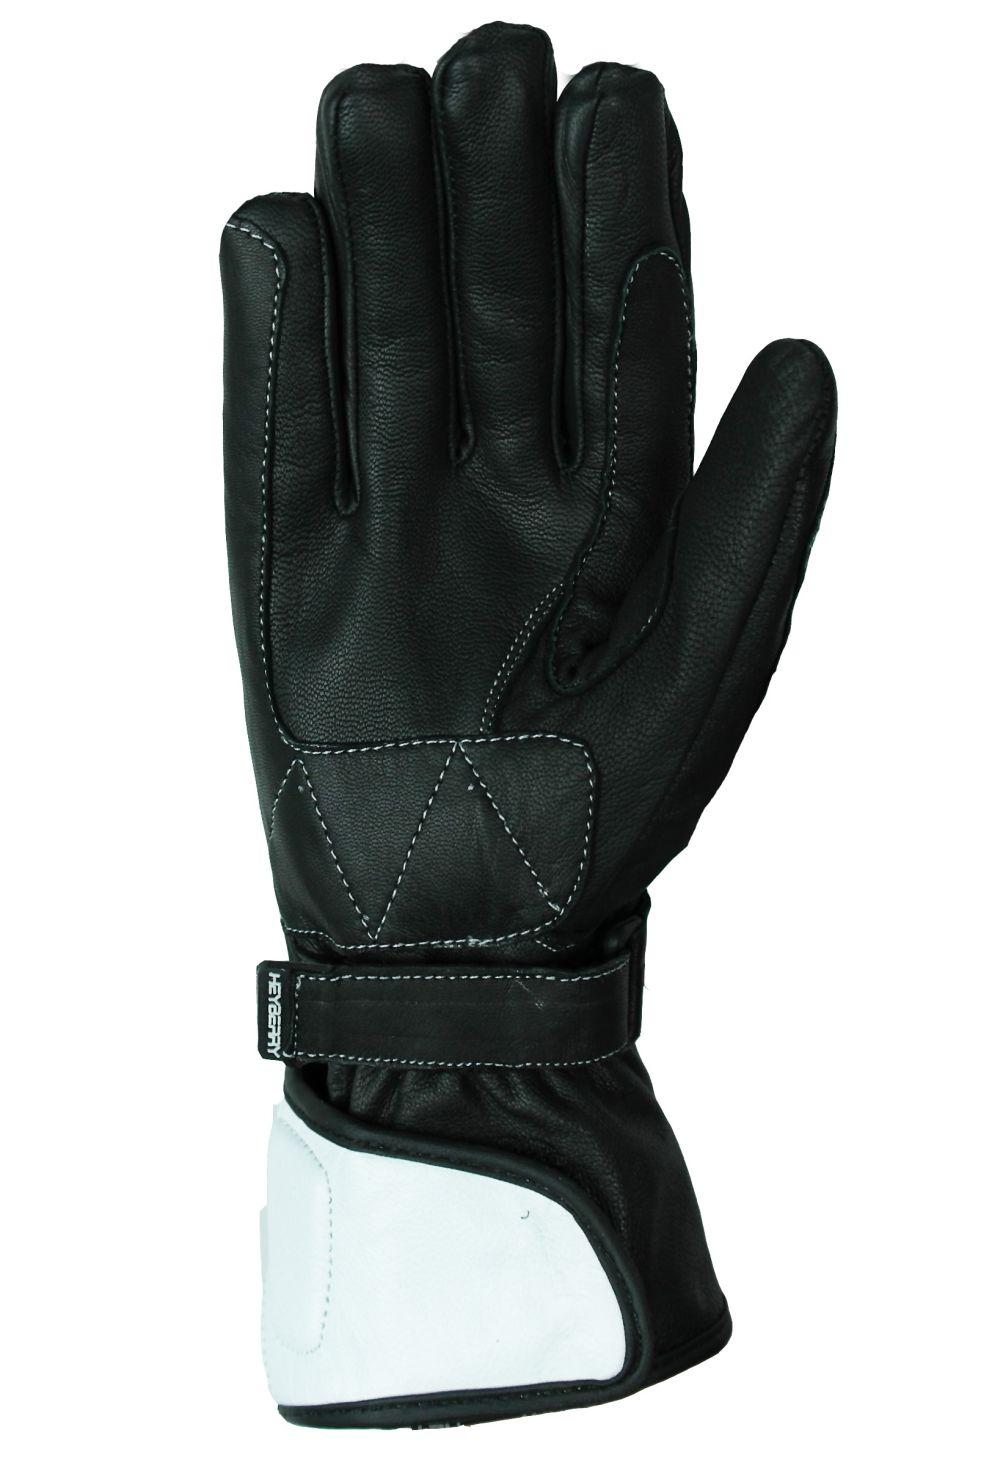 Heyberry Damen Motorradhandschuhe Leder Schwarz Weiß Gr. XS - XL